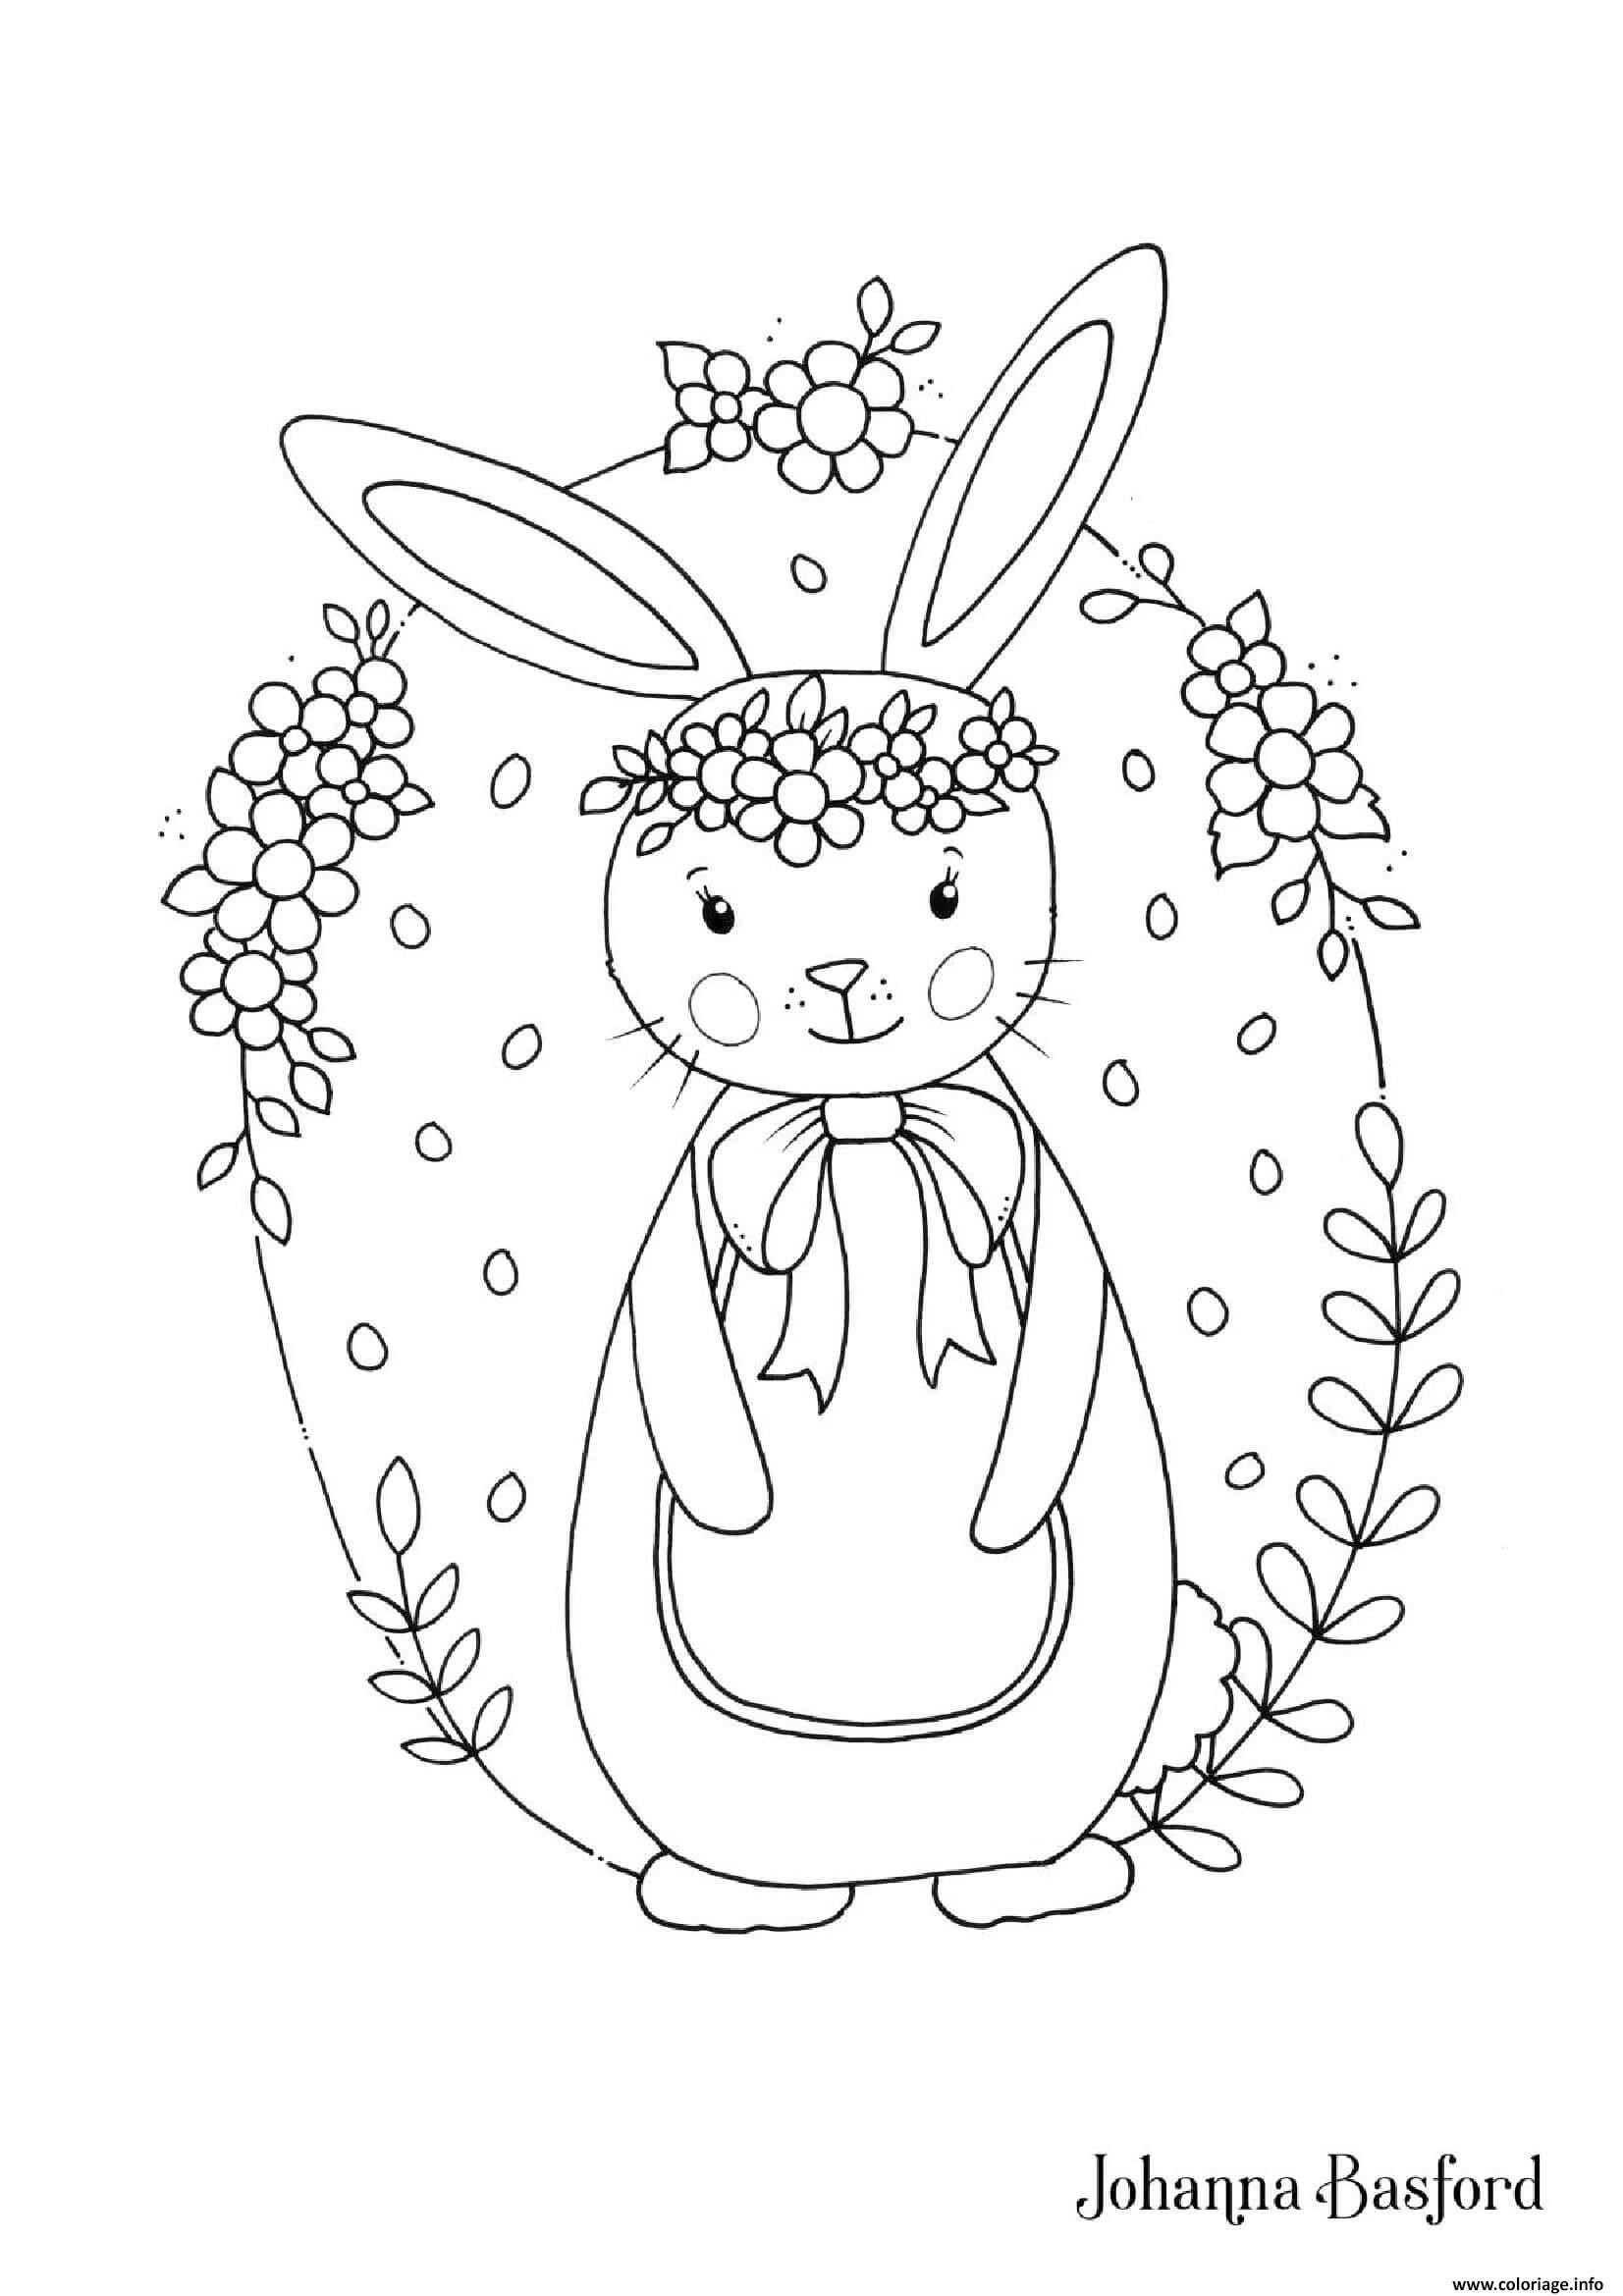 Coloriage Petit Lapin Adorable Pour Paques Enfants - JeColorie.com